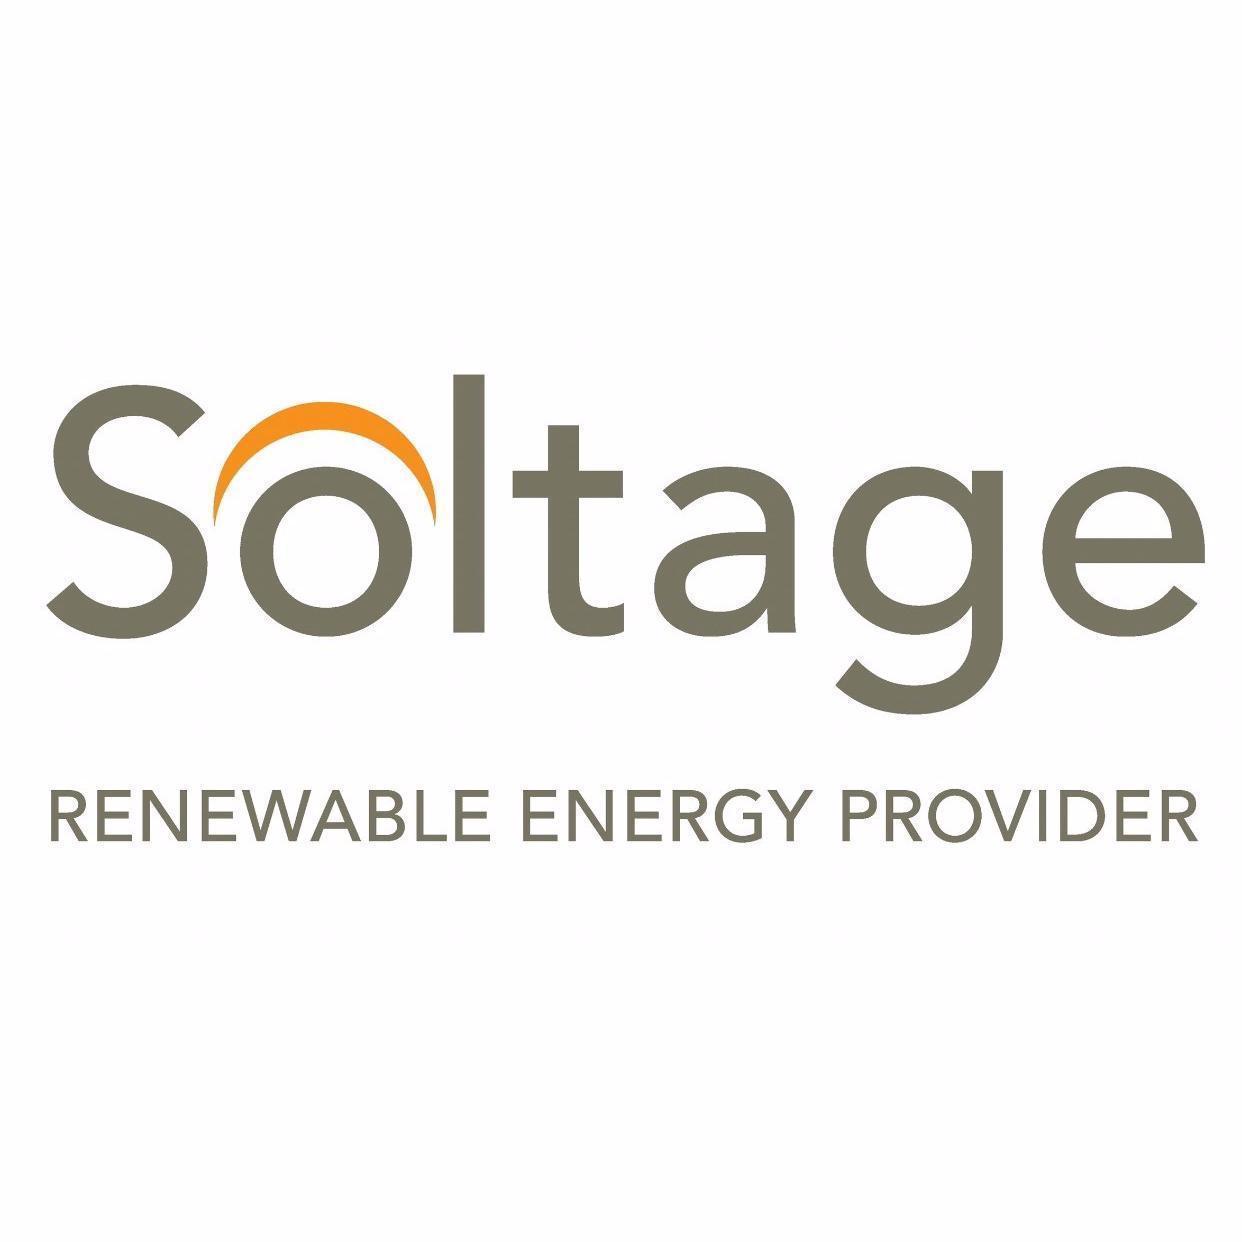 Soltage company logo